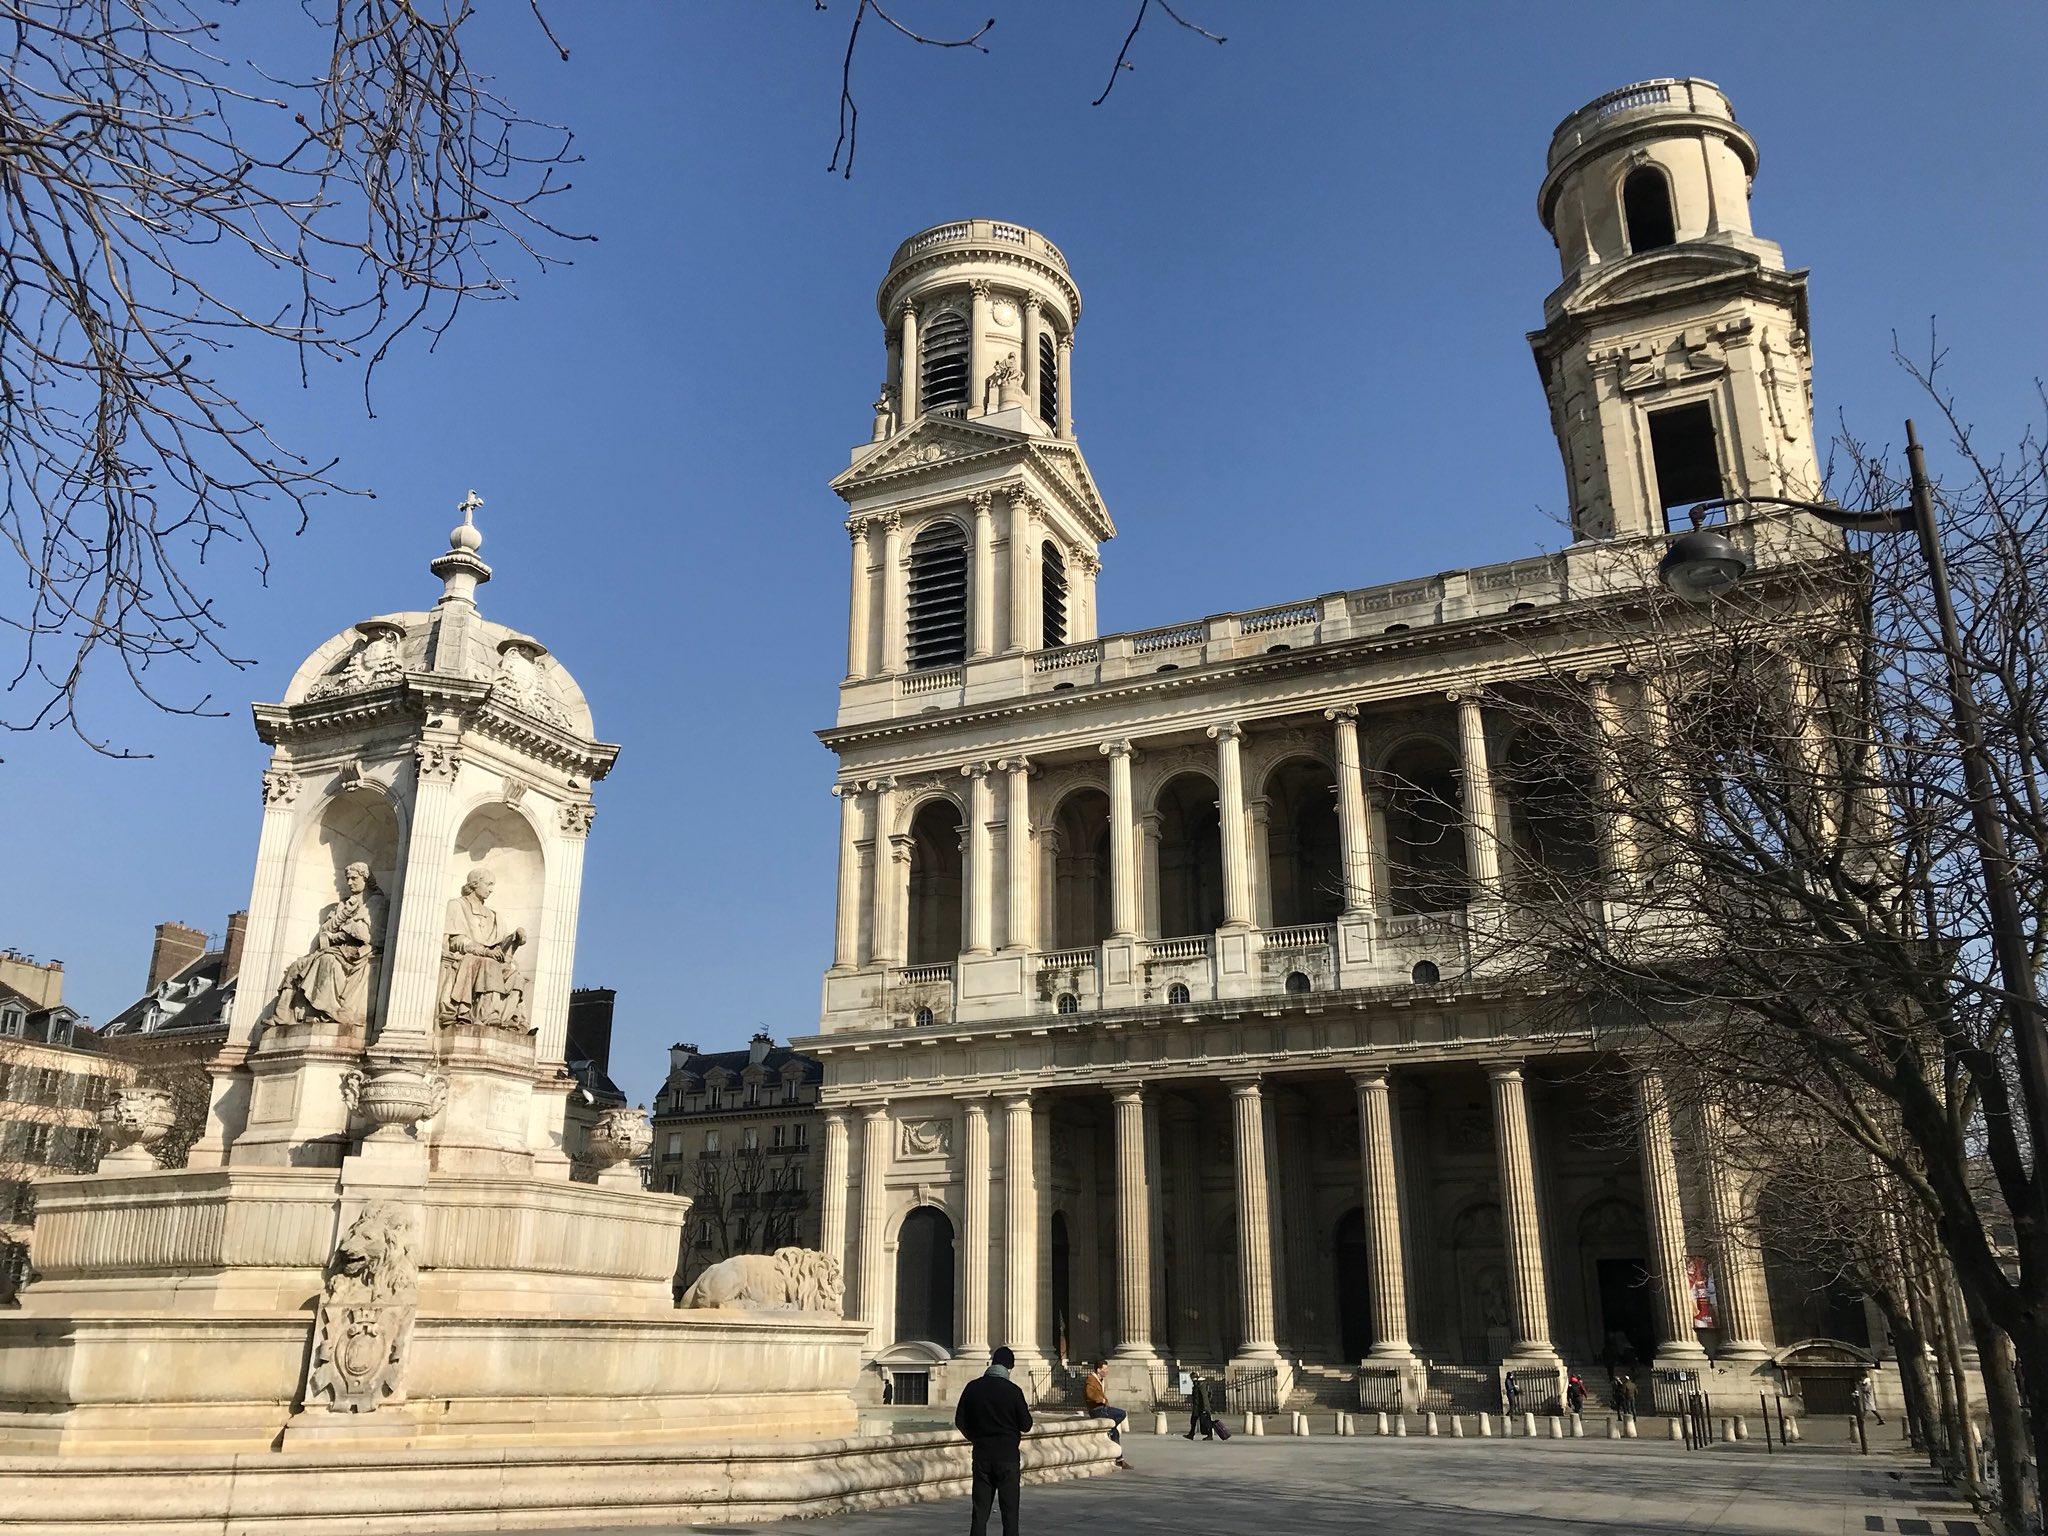 Eglise Saint-Sulpice #paris 🇫🇷 et fontaine de 1848 #MagnifiqueFrance #francemagique https://t.co/iA7zDCeBJq